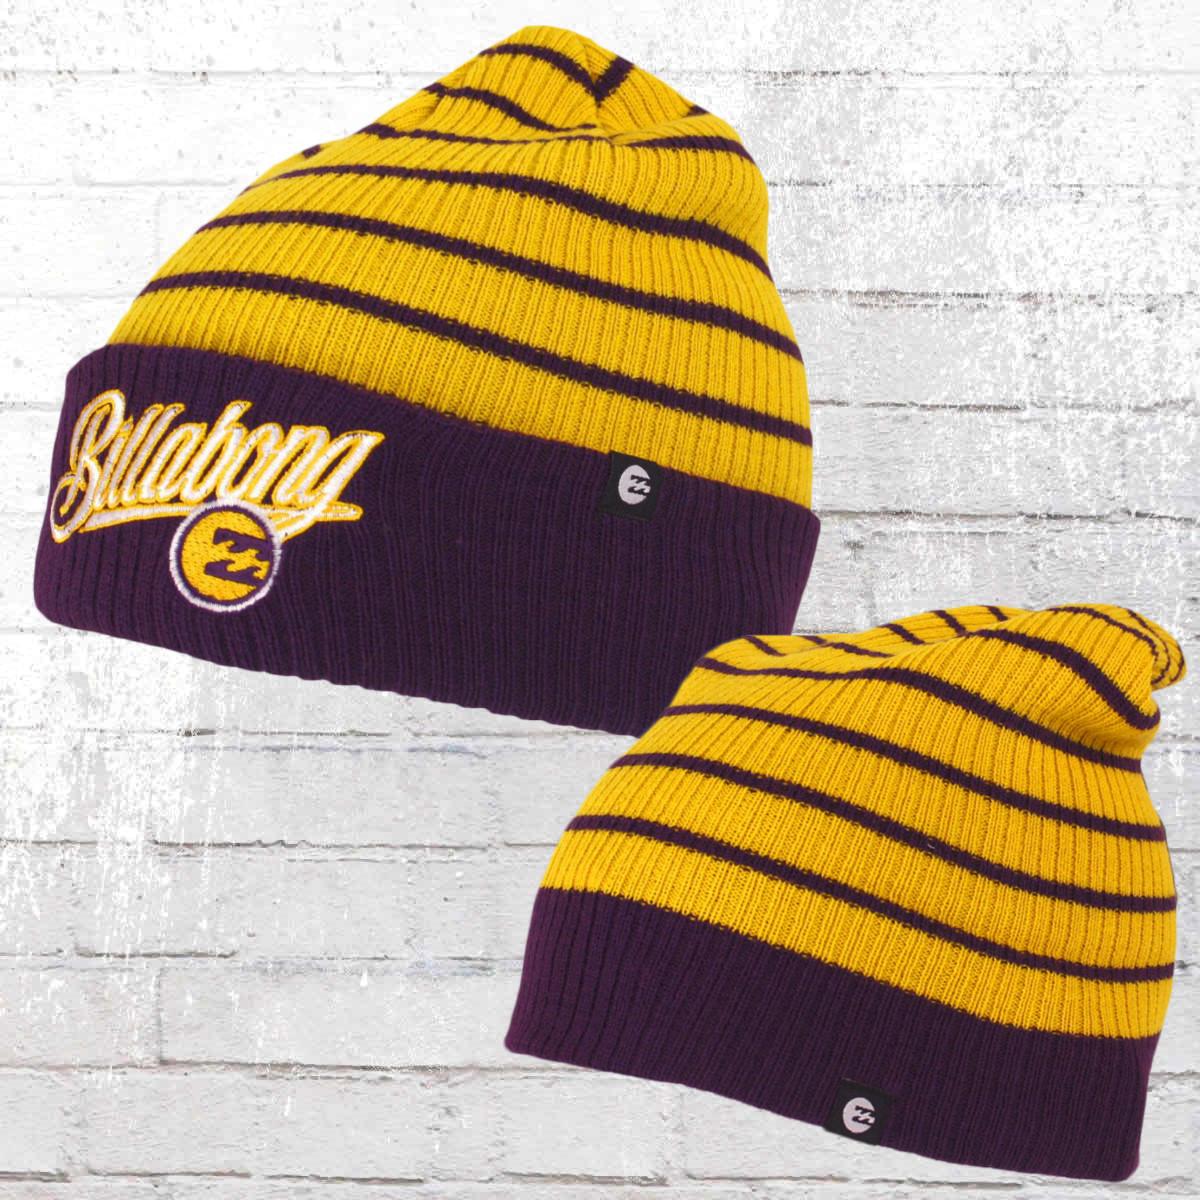 f871a054e23 Billabong Hat Stryker Beanie yellow purple. ›‹ «